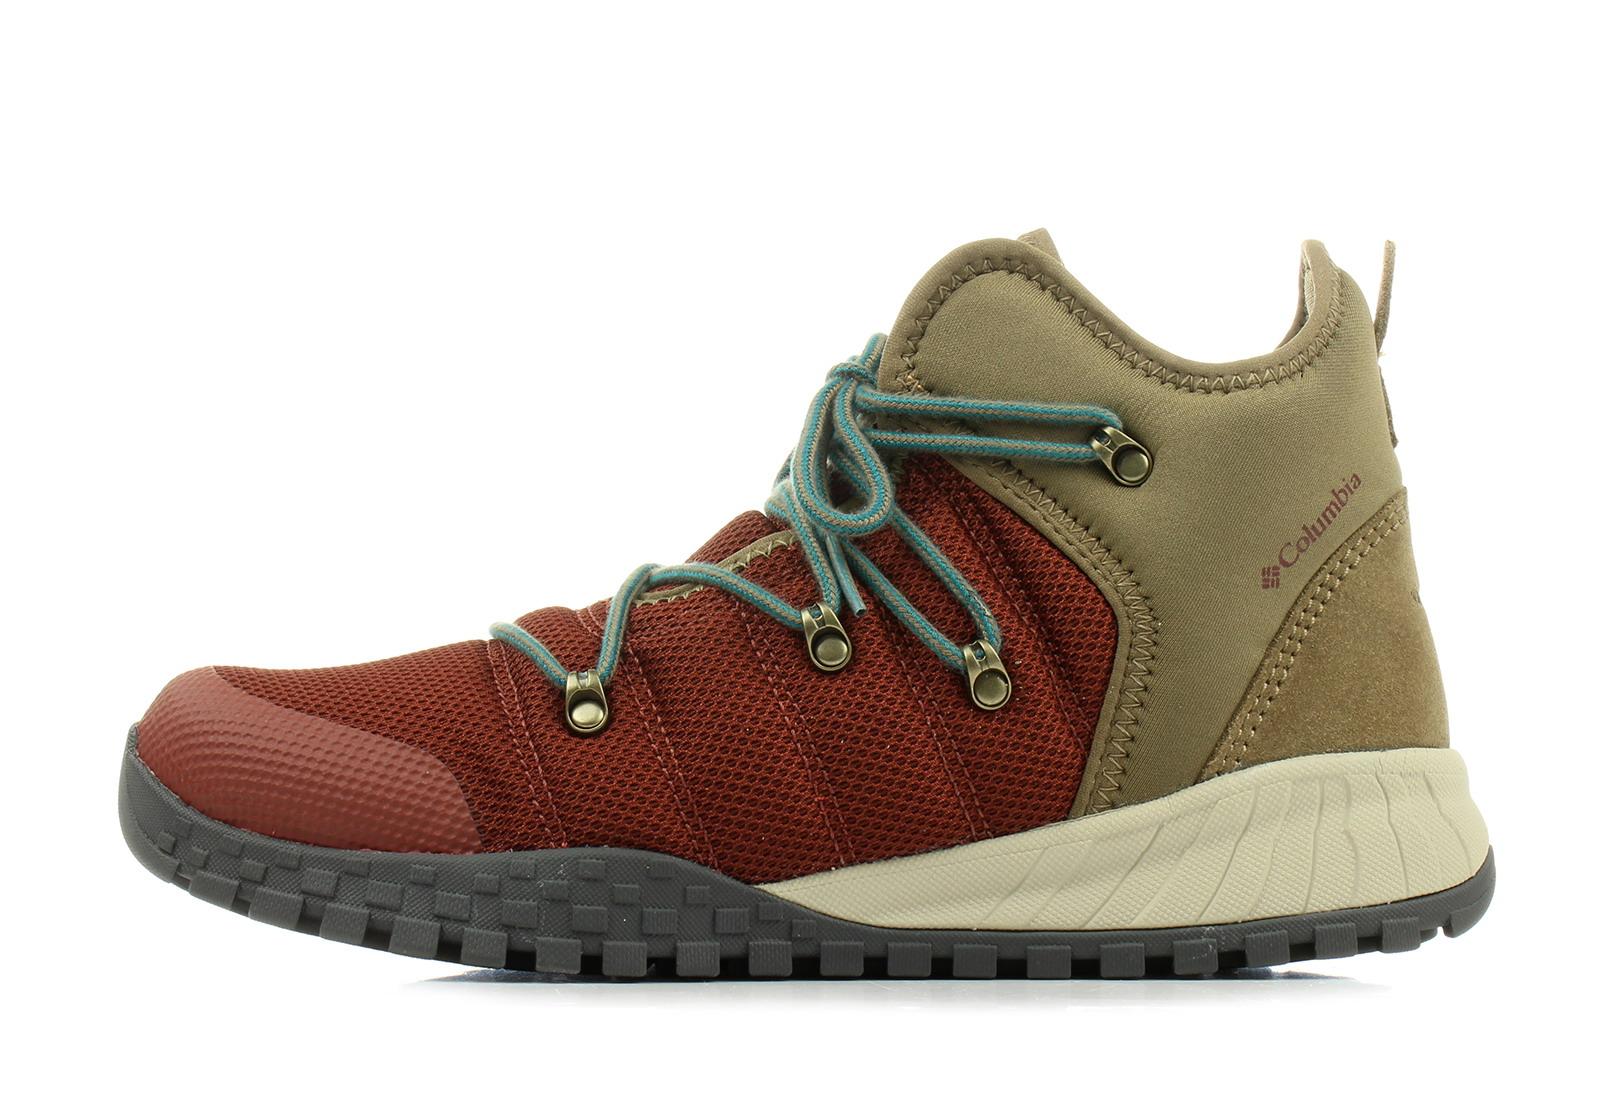 dc9497c4d8e5 Columbia Bakancs - Fairbanks 503 - 1791231-rus - Office Shoes ...